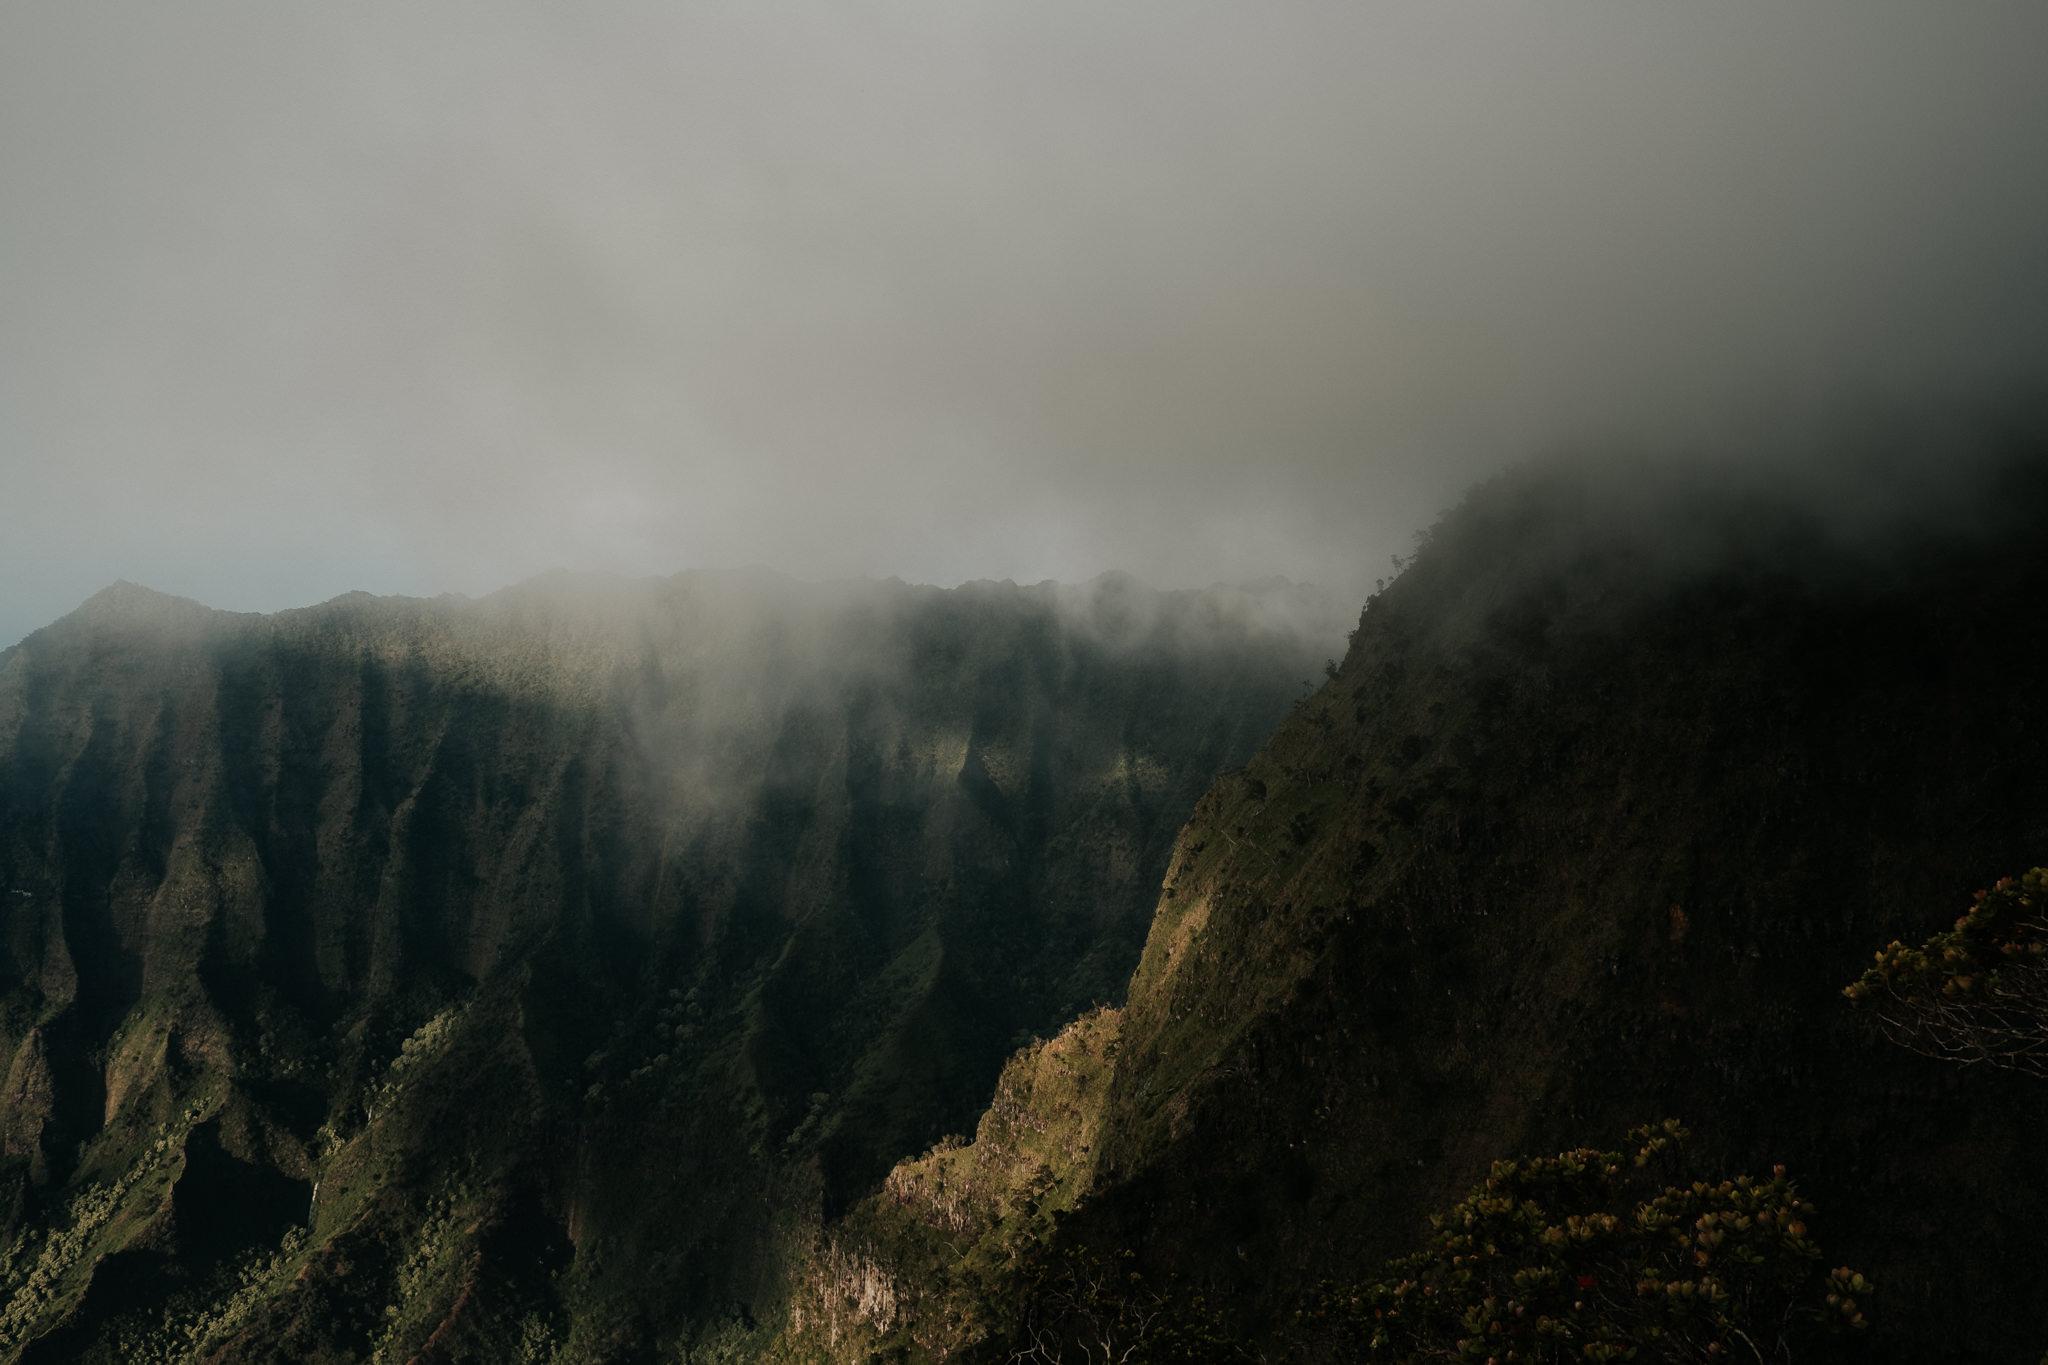 na pali coast in fog